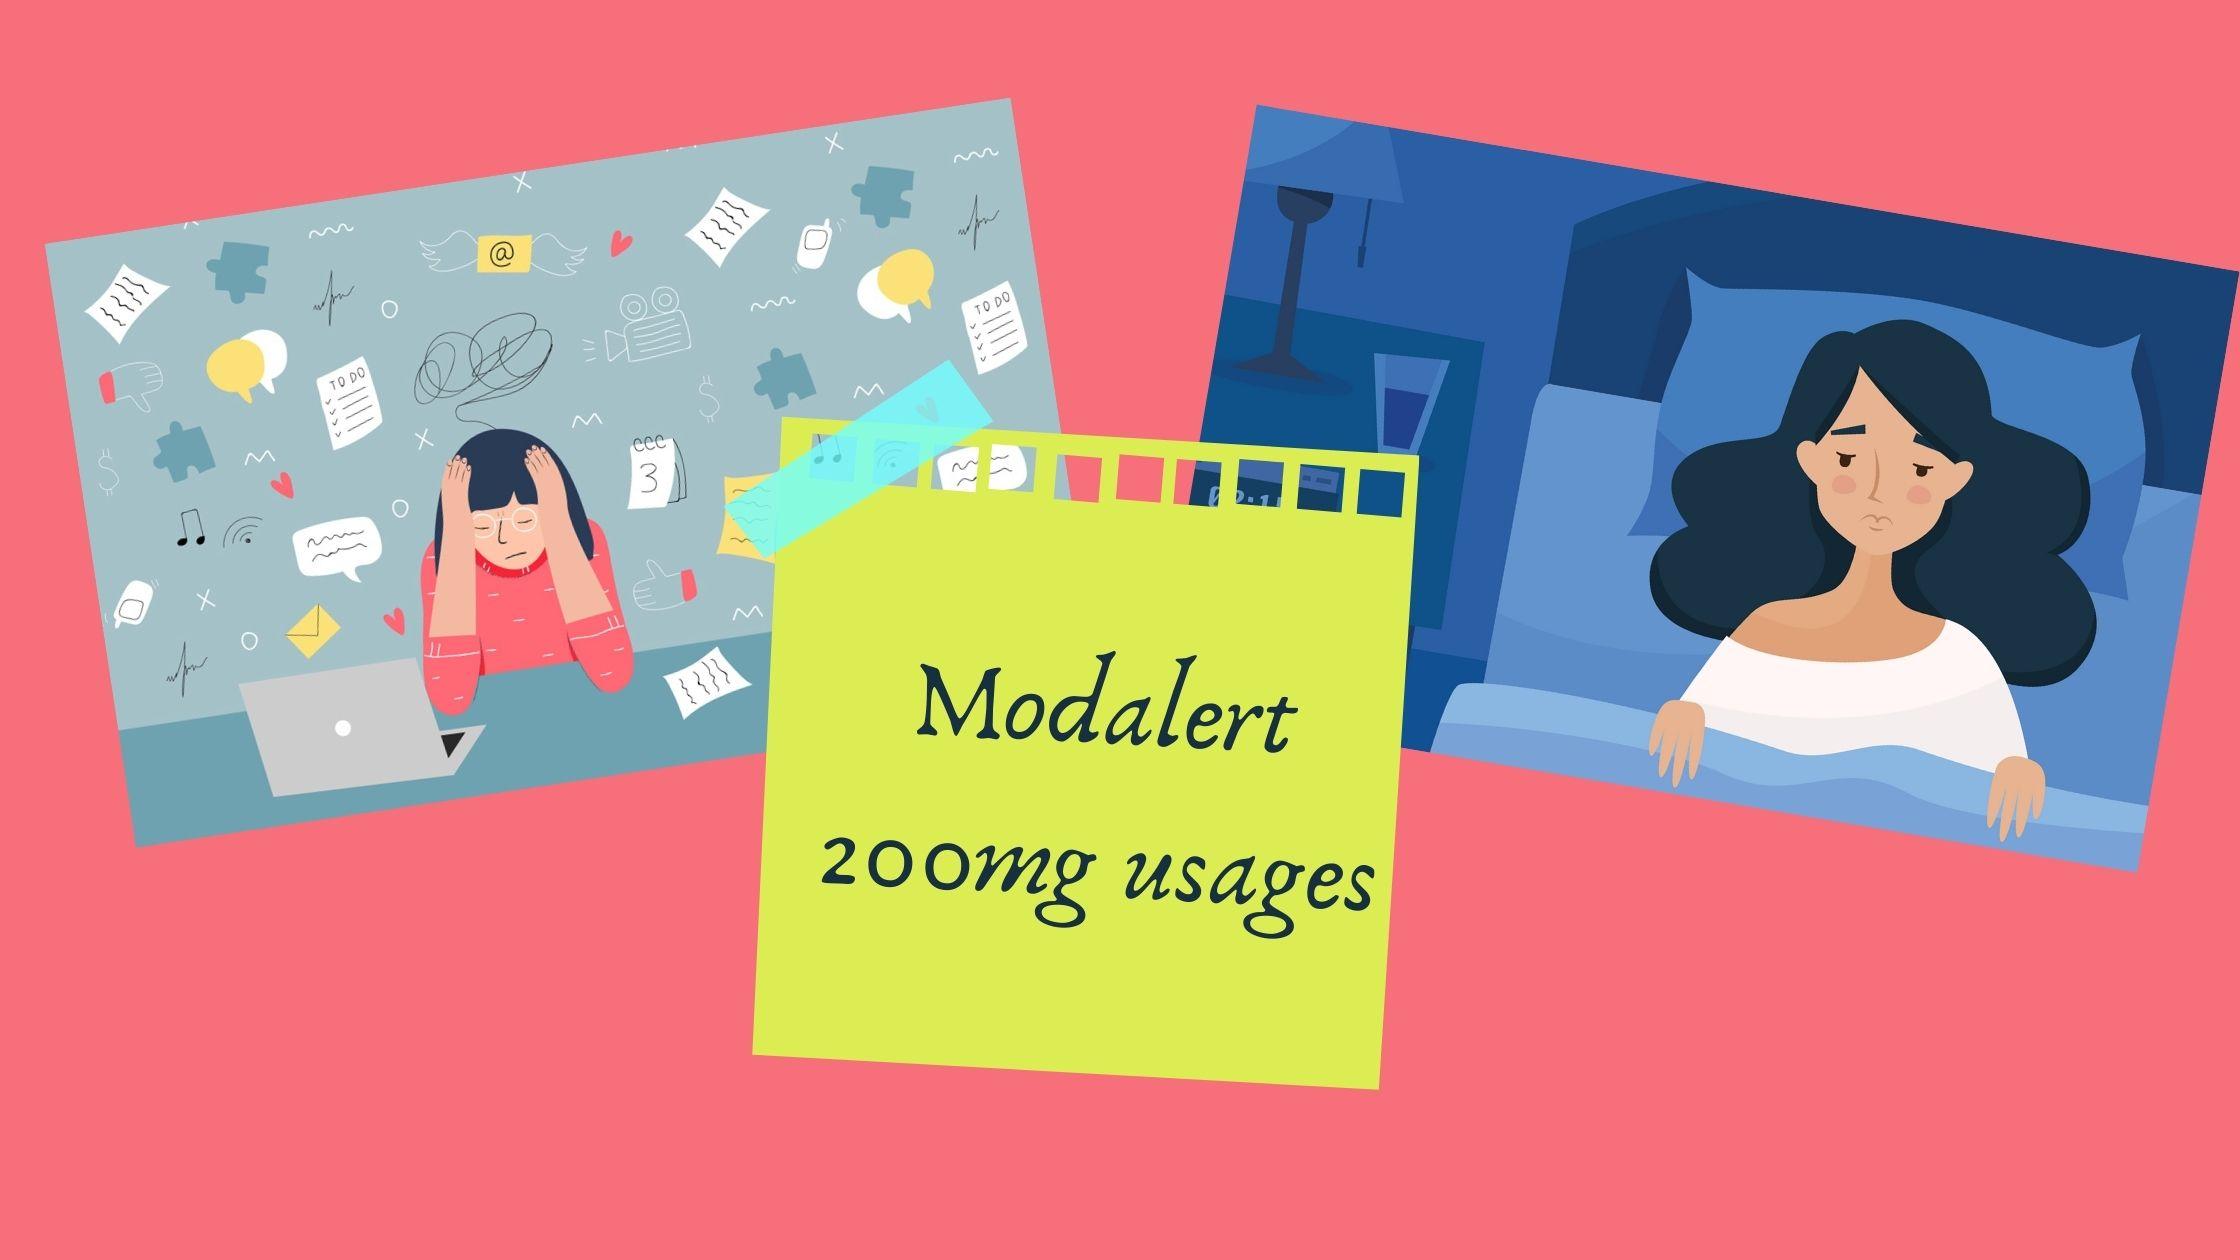 Modalert 200mg online